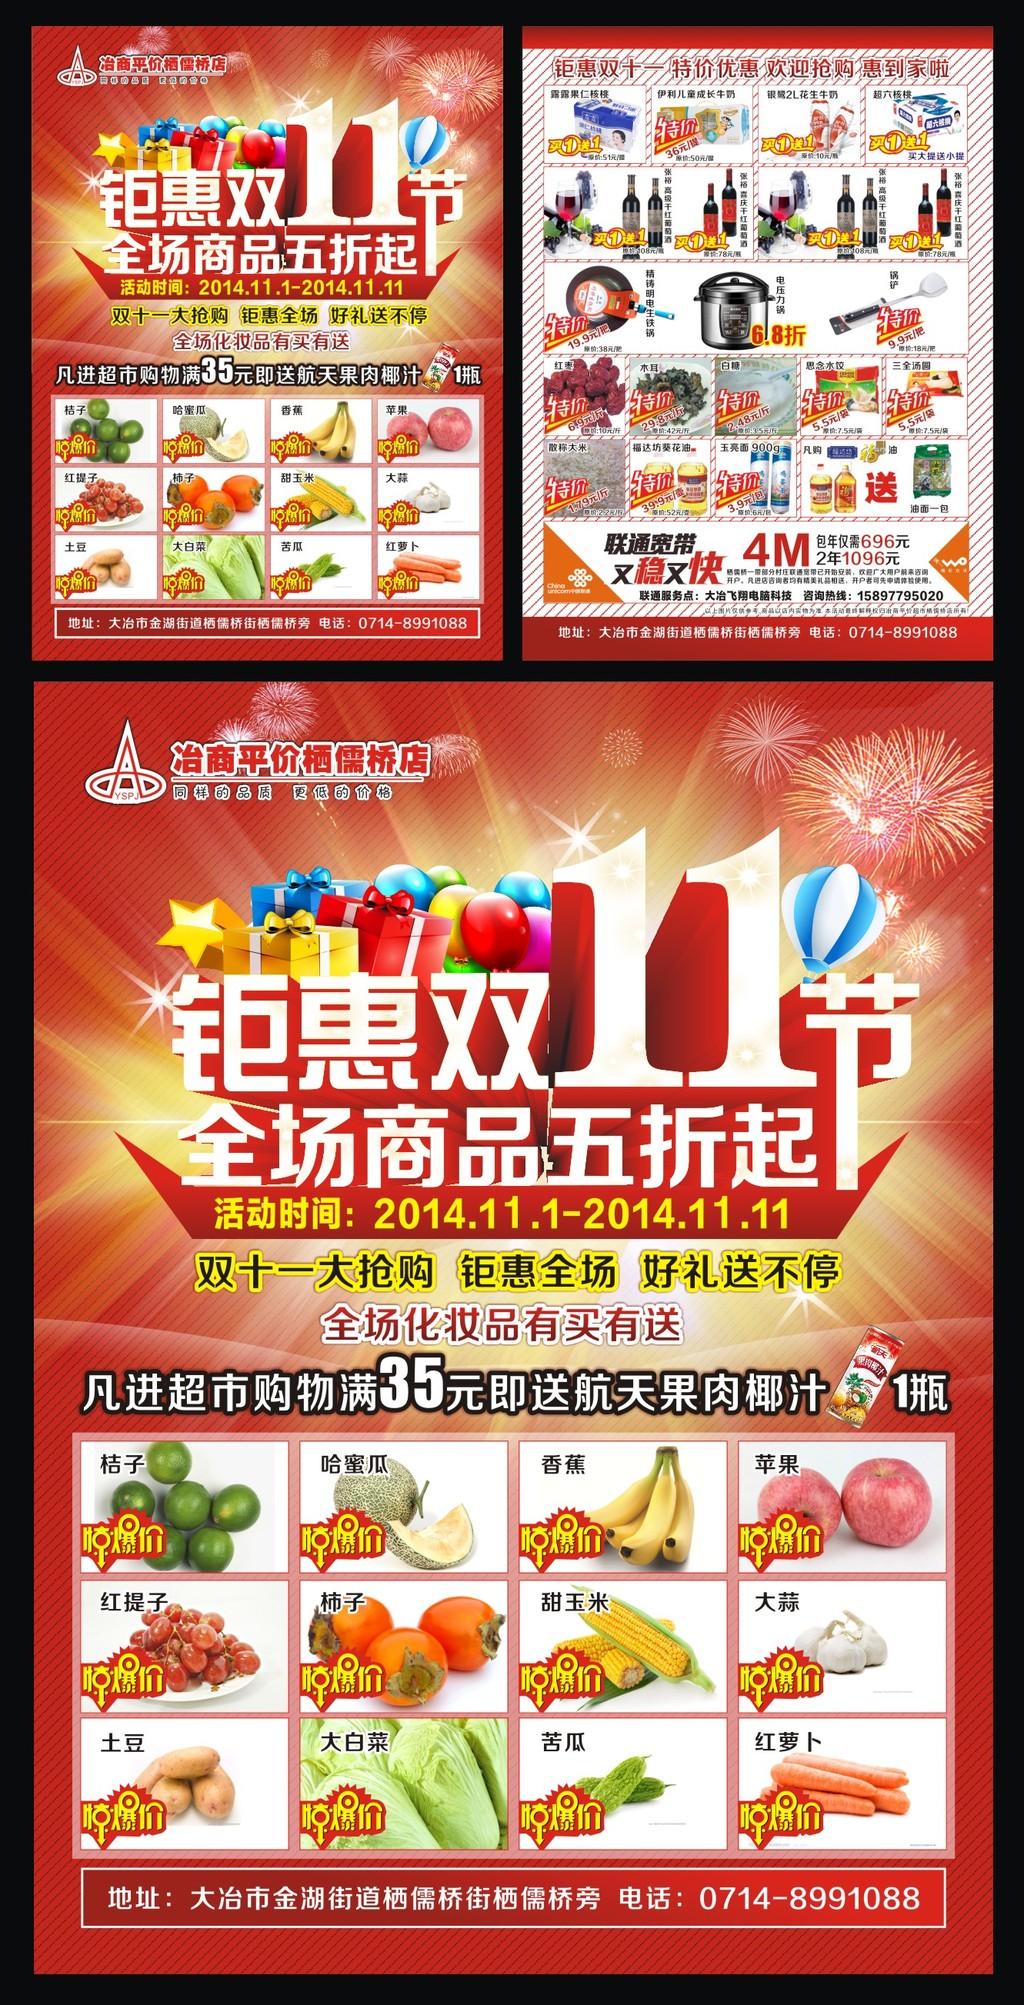 双十一超市彩页模板下载 双十一超市彩页图片下载 双十一节 钜惠双11